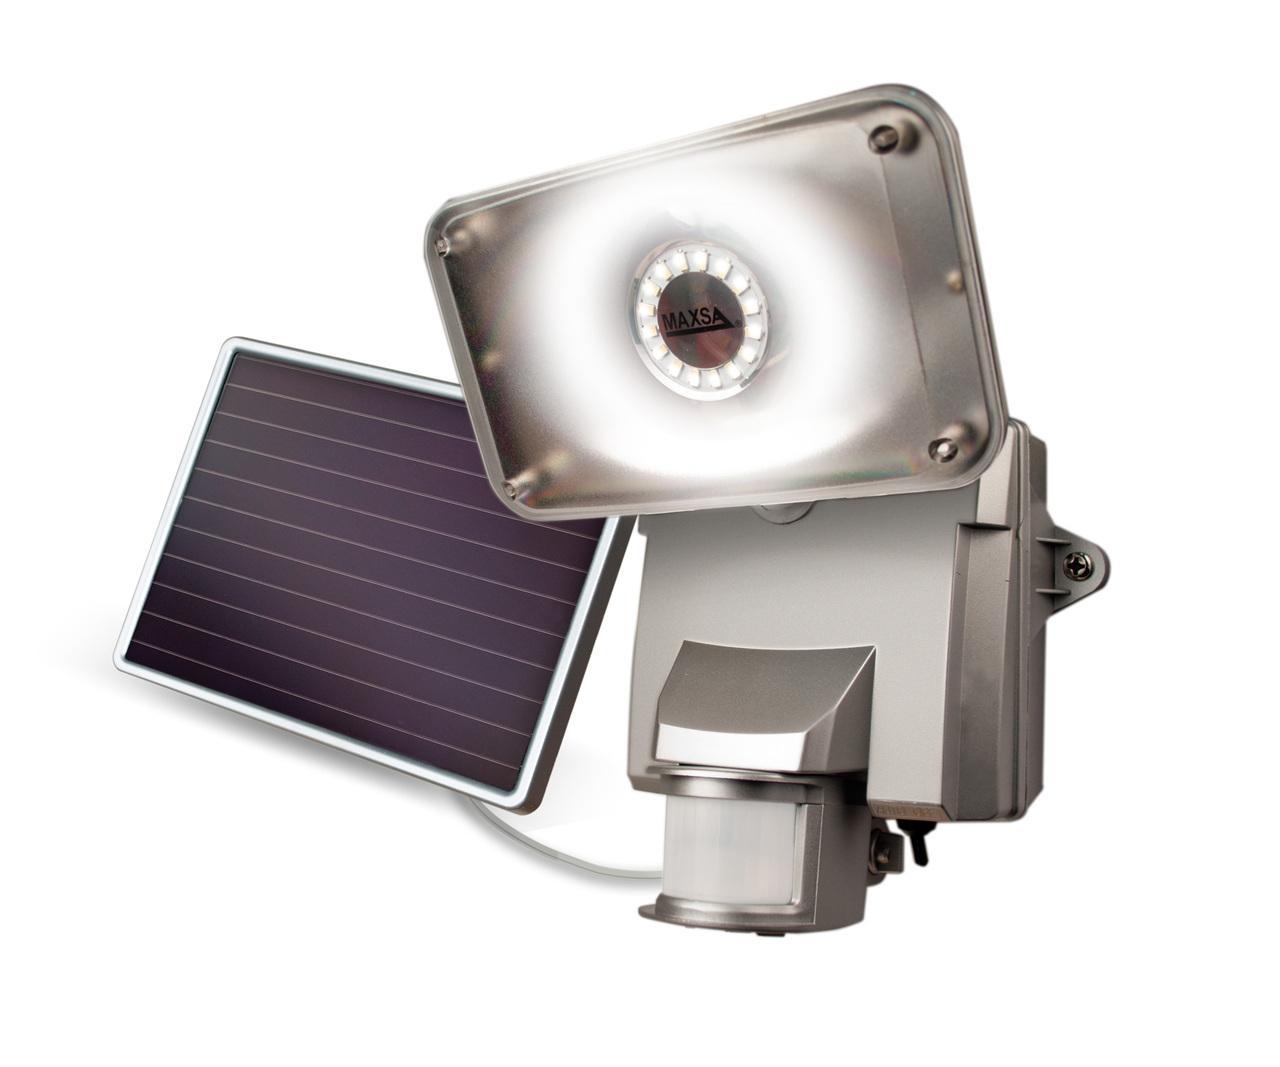 High output solar spot light - From The Manufacturer